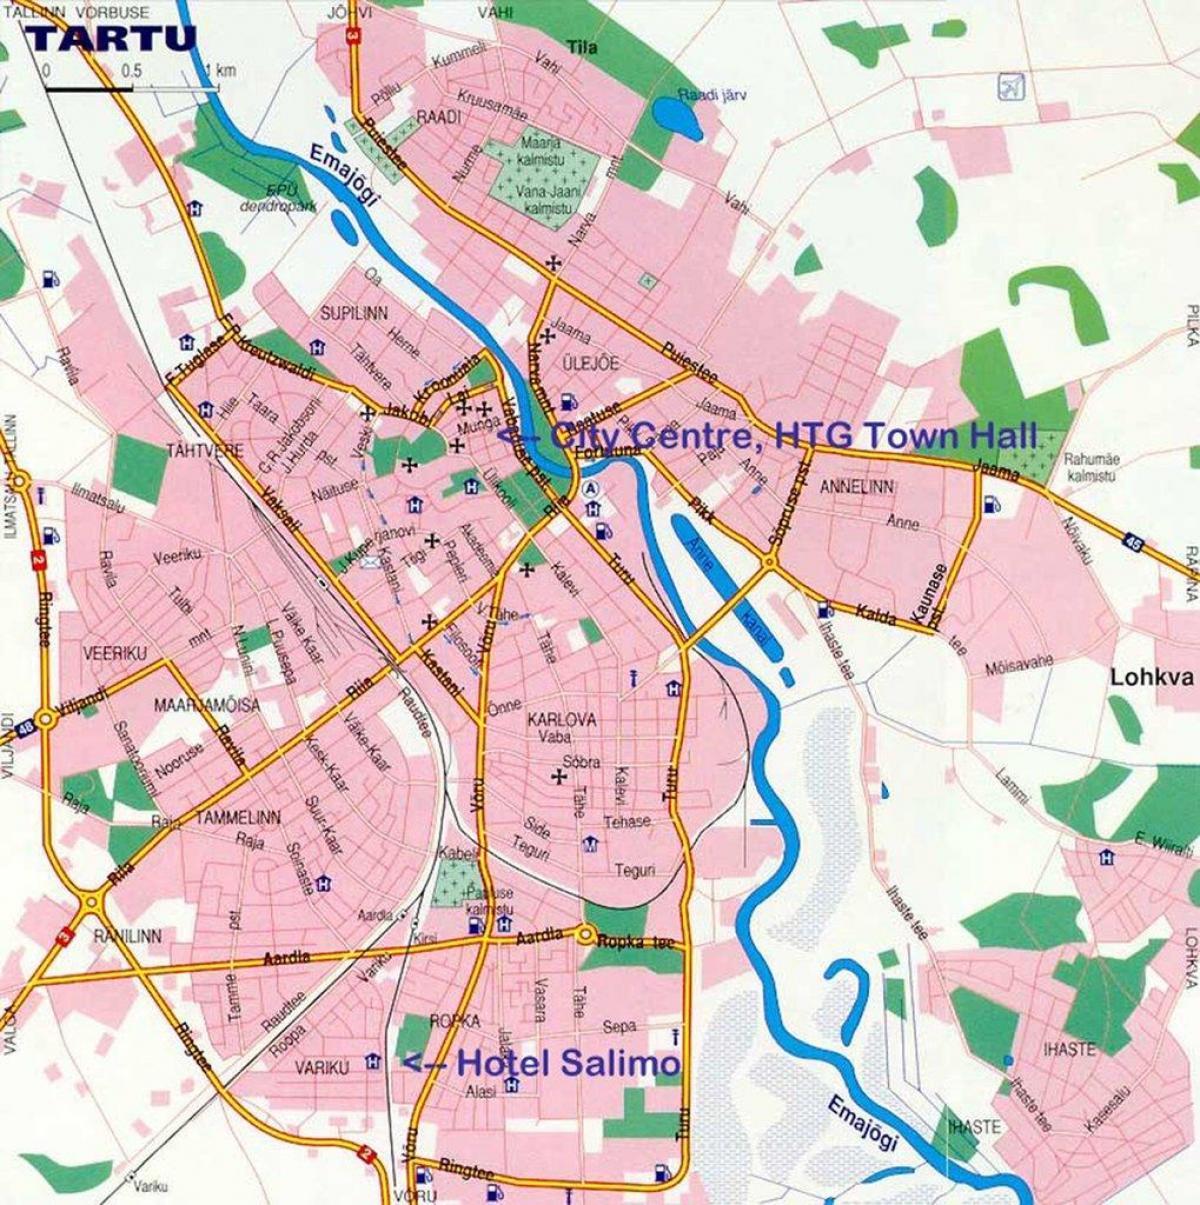 Tarton Kartta Kartta Tartto Viro Pohjois Eurooppa Eurooppa